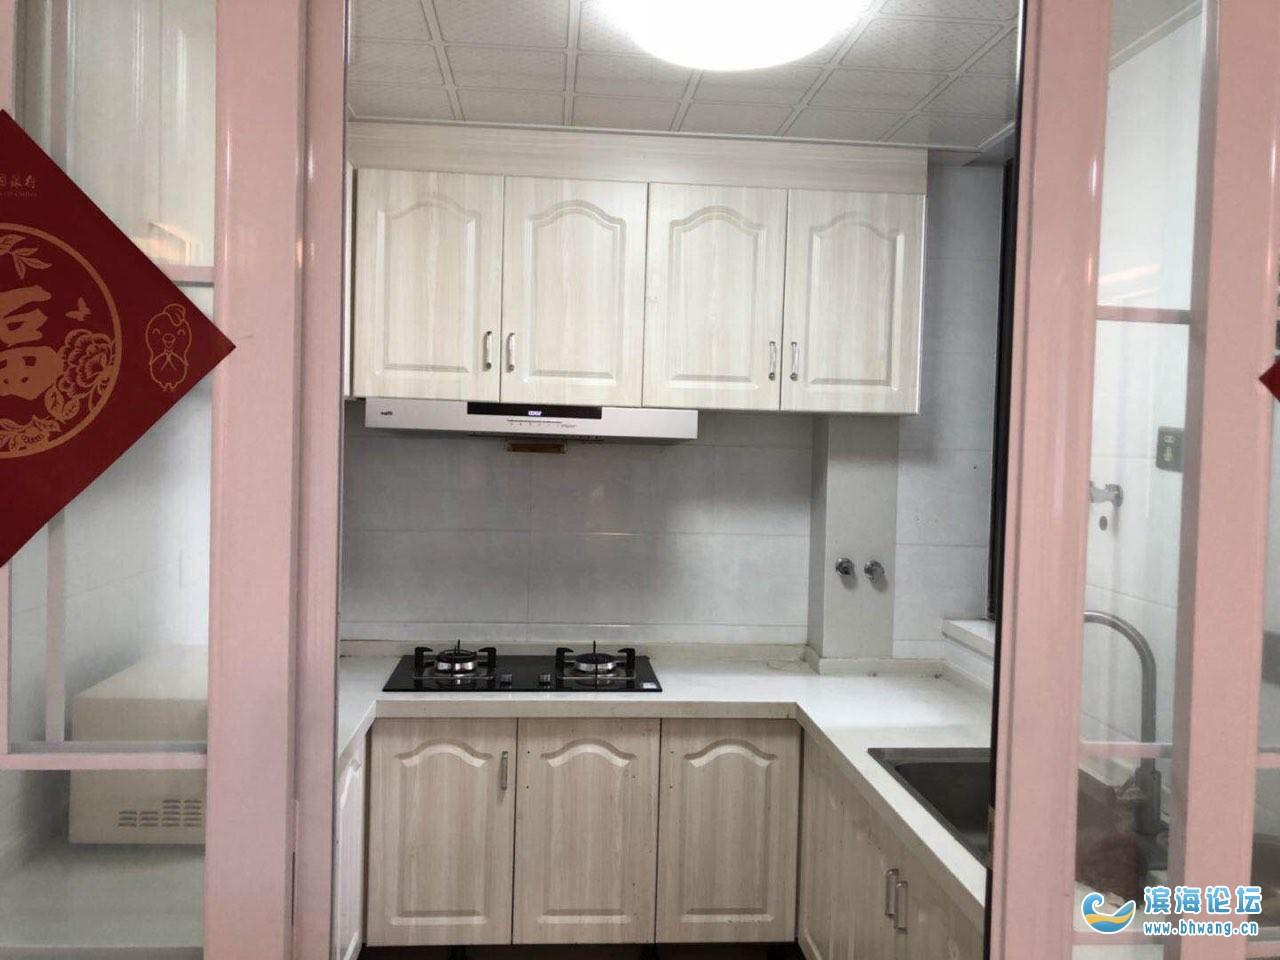 滨海中学南门翰林苑小区4楼套间两室两厅,一厨一卫,外带60平米大阳台,环境好、家具厨卫设施一应齐全,拎包即住。需要看房者请联系18012589626